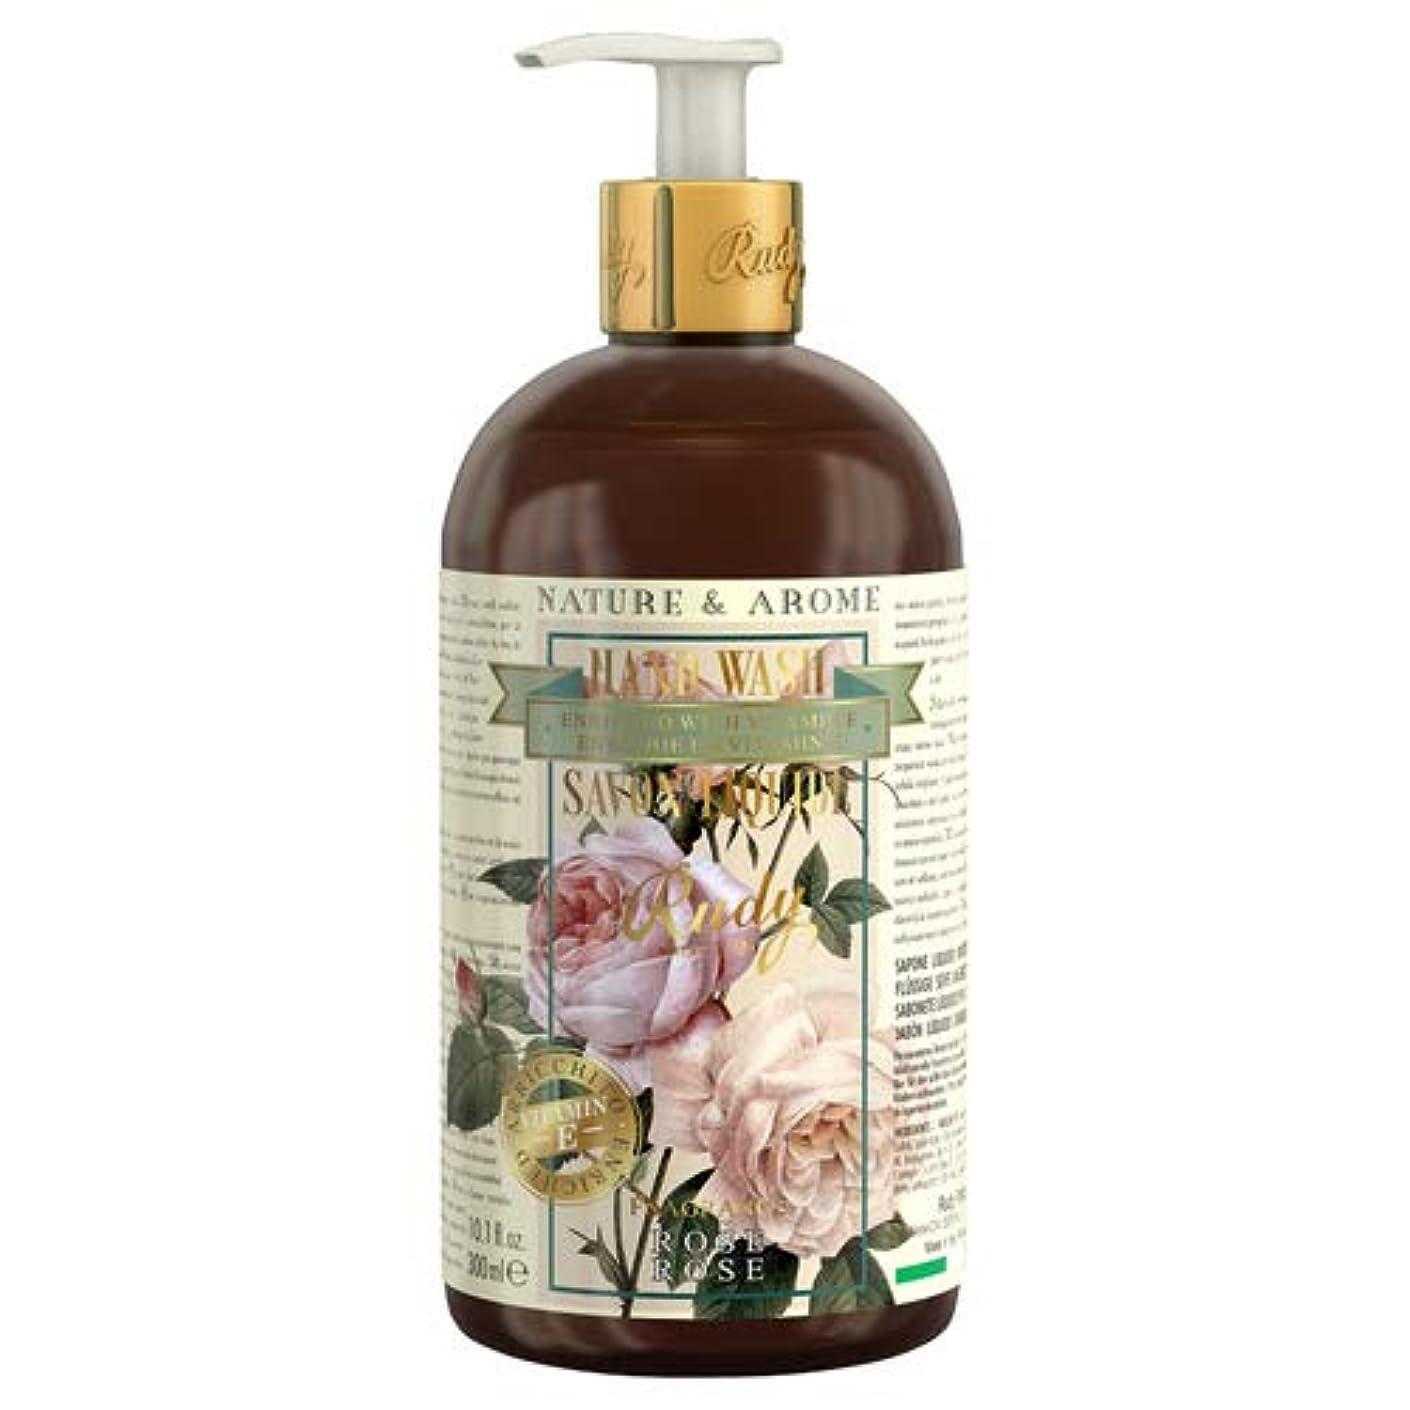 連想者小石RUDY Nature&Arome Apothecary ネイチャーアロマ アポセカリー Hand Wash ハンドウォッシュ(ボディソープ) Rose ローズ